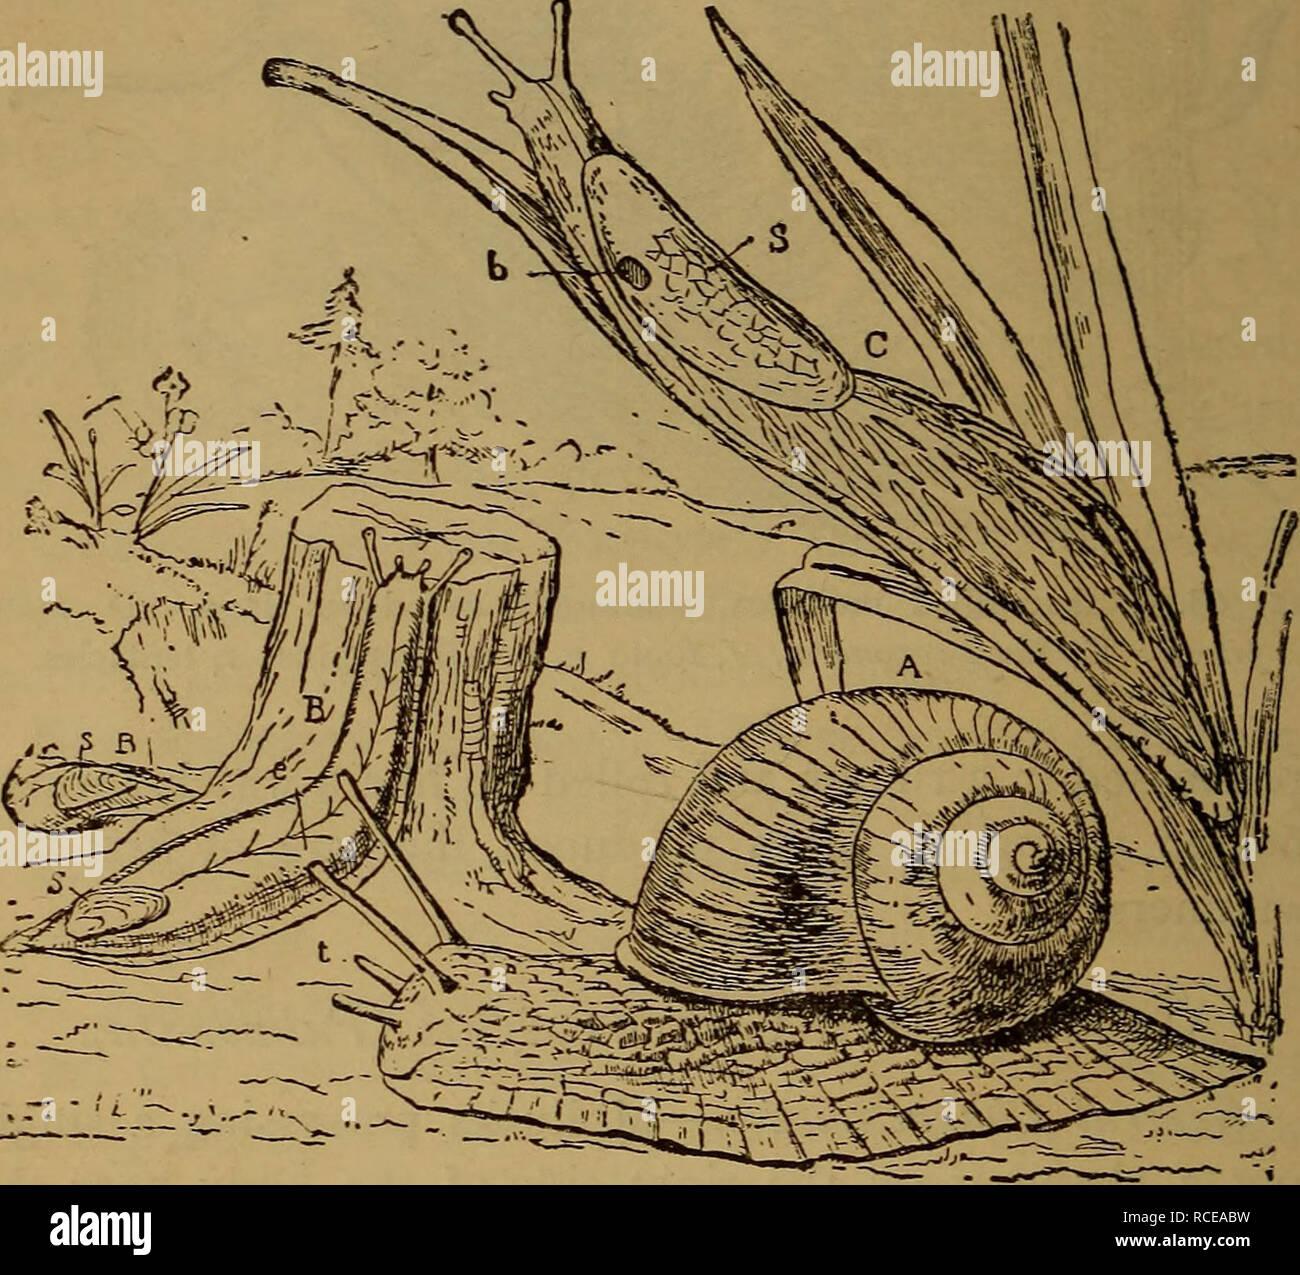 . Elementi di zoölogy. Zoologia. 66 MOLLUSCO A. lumache, interessante da grandi variazioni della shell. Le uova sono fissate in capsule (Fig. 69), in una massa gelatinosa, in tarda primavera. In inverno vanno in letargo nel fango ; 320 specie sono noti. Land-Snails (Heliadce).-tremila tre hun- dred e trenta-due specie di questi sono conosciuti in varie. FlG. 70.-l'aria respirabile gasteropods : Lumache e limacce. Un giardino, snail {Elica) ; B, B, slug Testacella-uno disappeai-ing nel terreno e solo la coda che mostra ; C, il grande grigio slug (Limax) ; s, shell; t, dieci- tacles ; e, occhi ; b Foto Stock